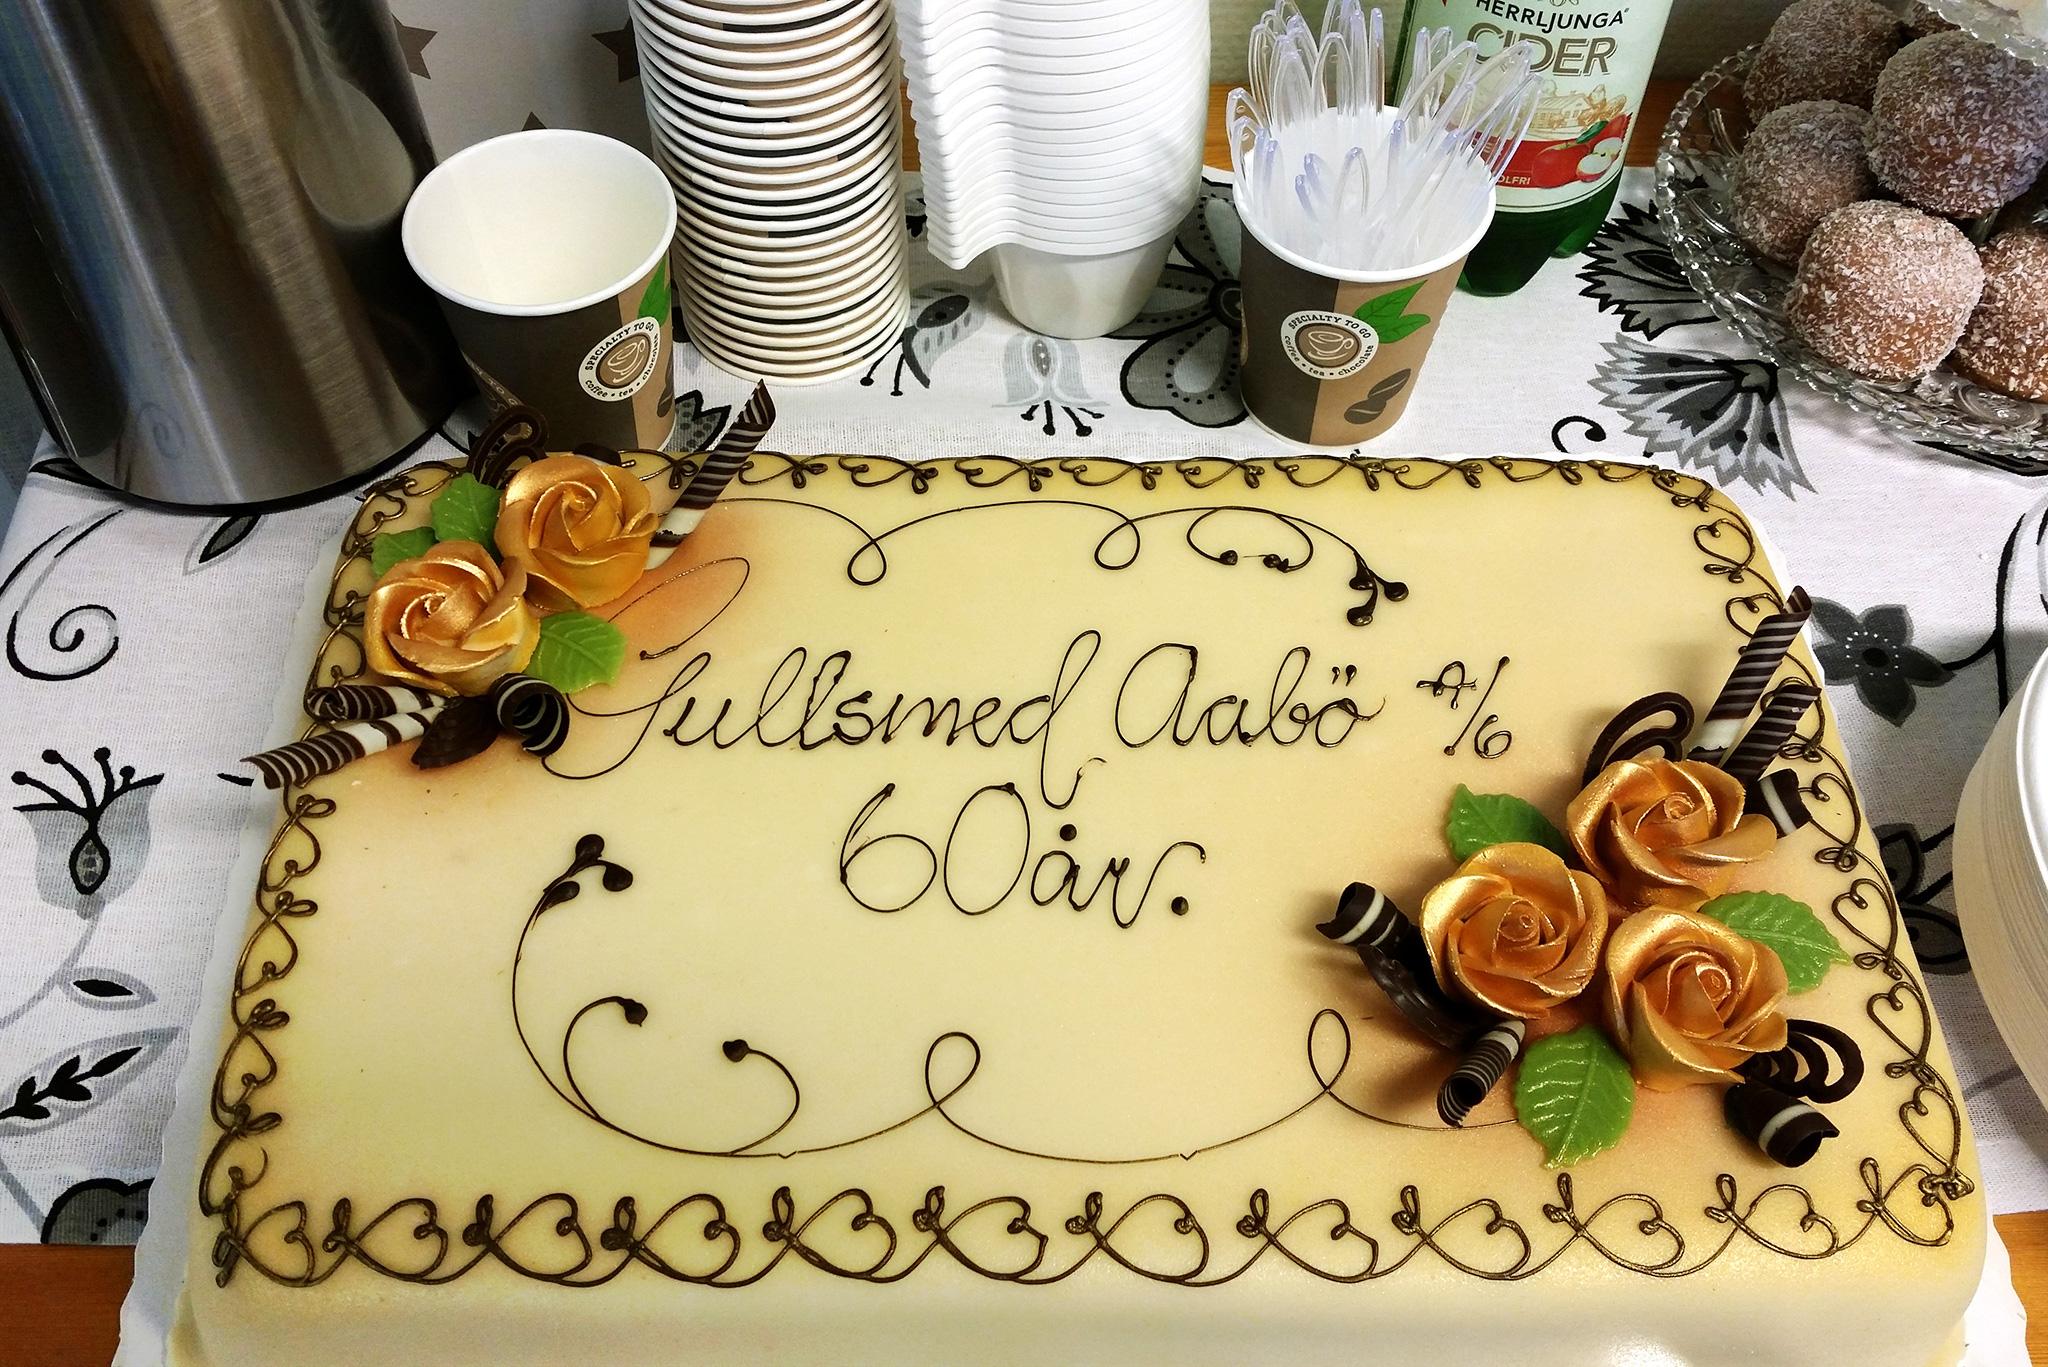 Kake Gullsmed Aabø 60 år